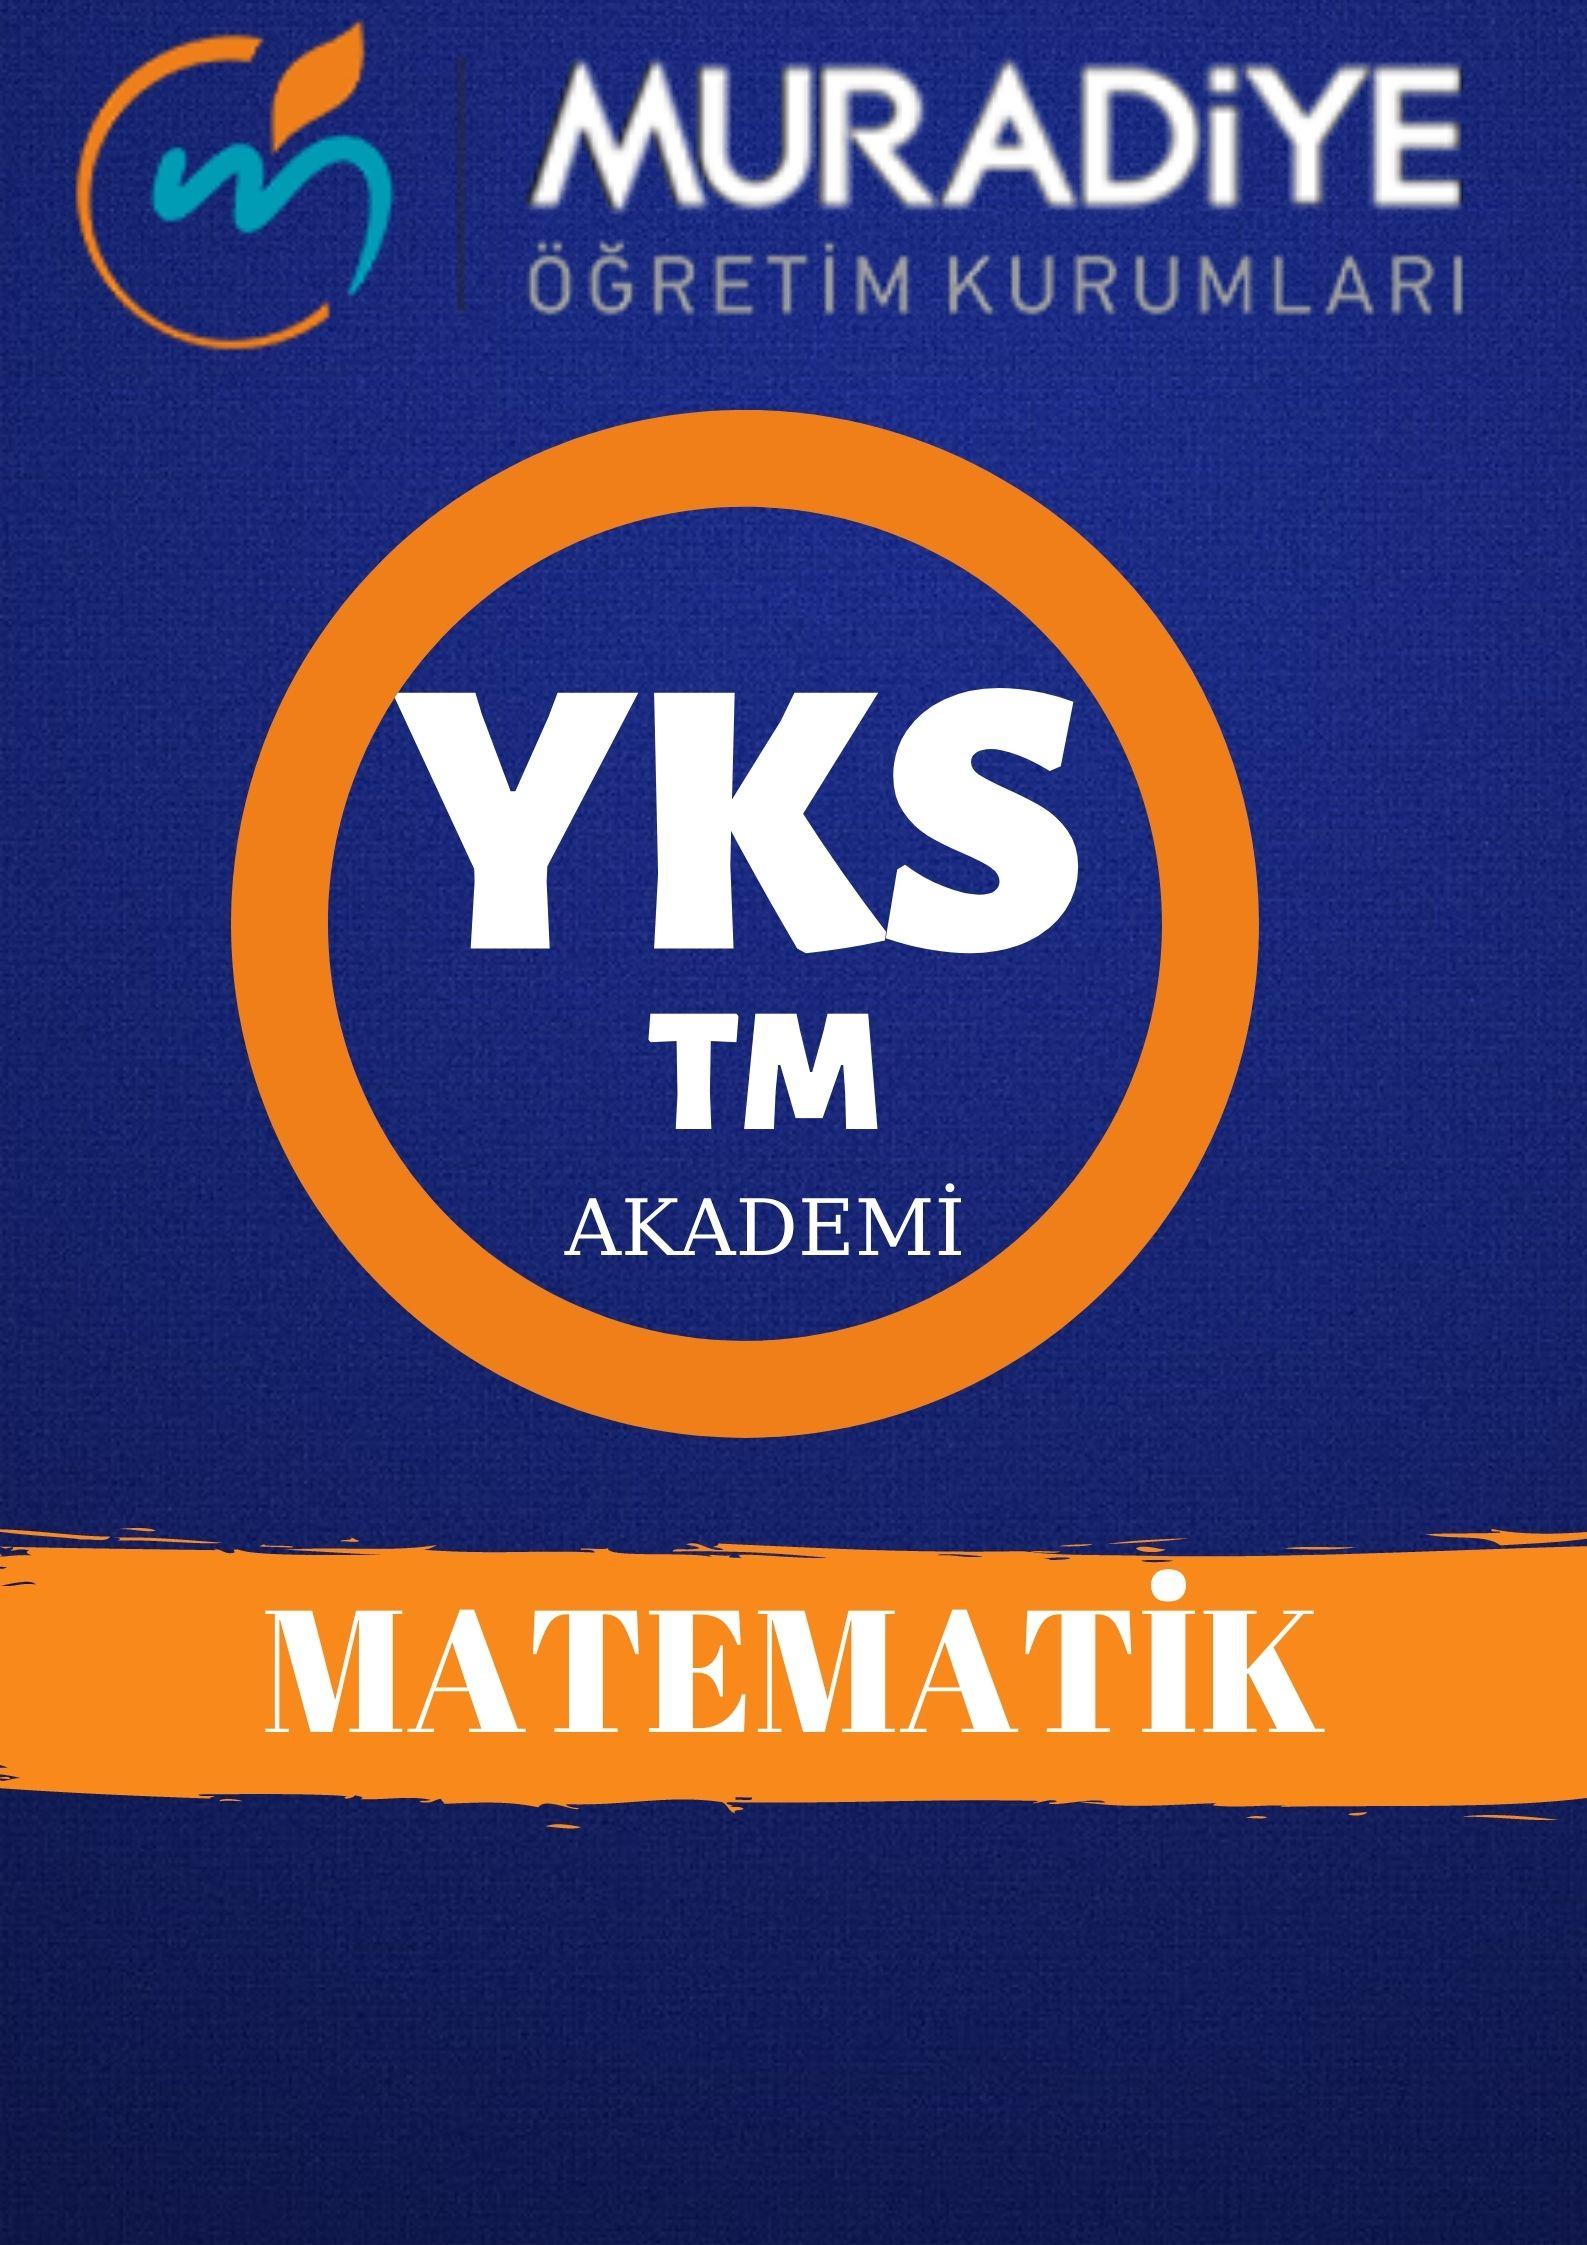 YKS TM | MATEMATİK